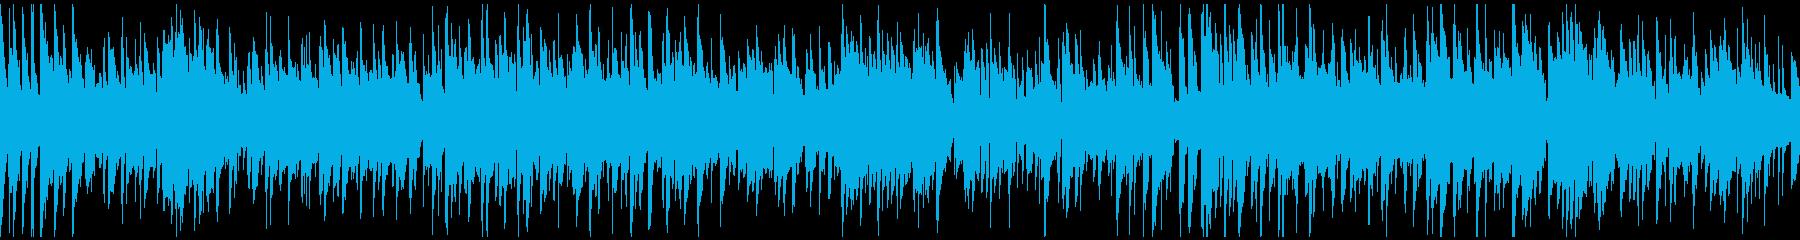 爽やか切ないボサノバ・サックス※ループ版の再生済みの波形